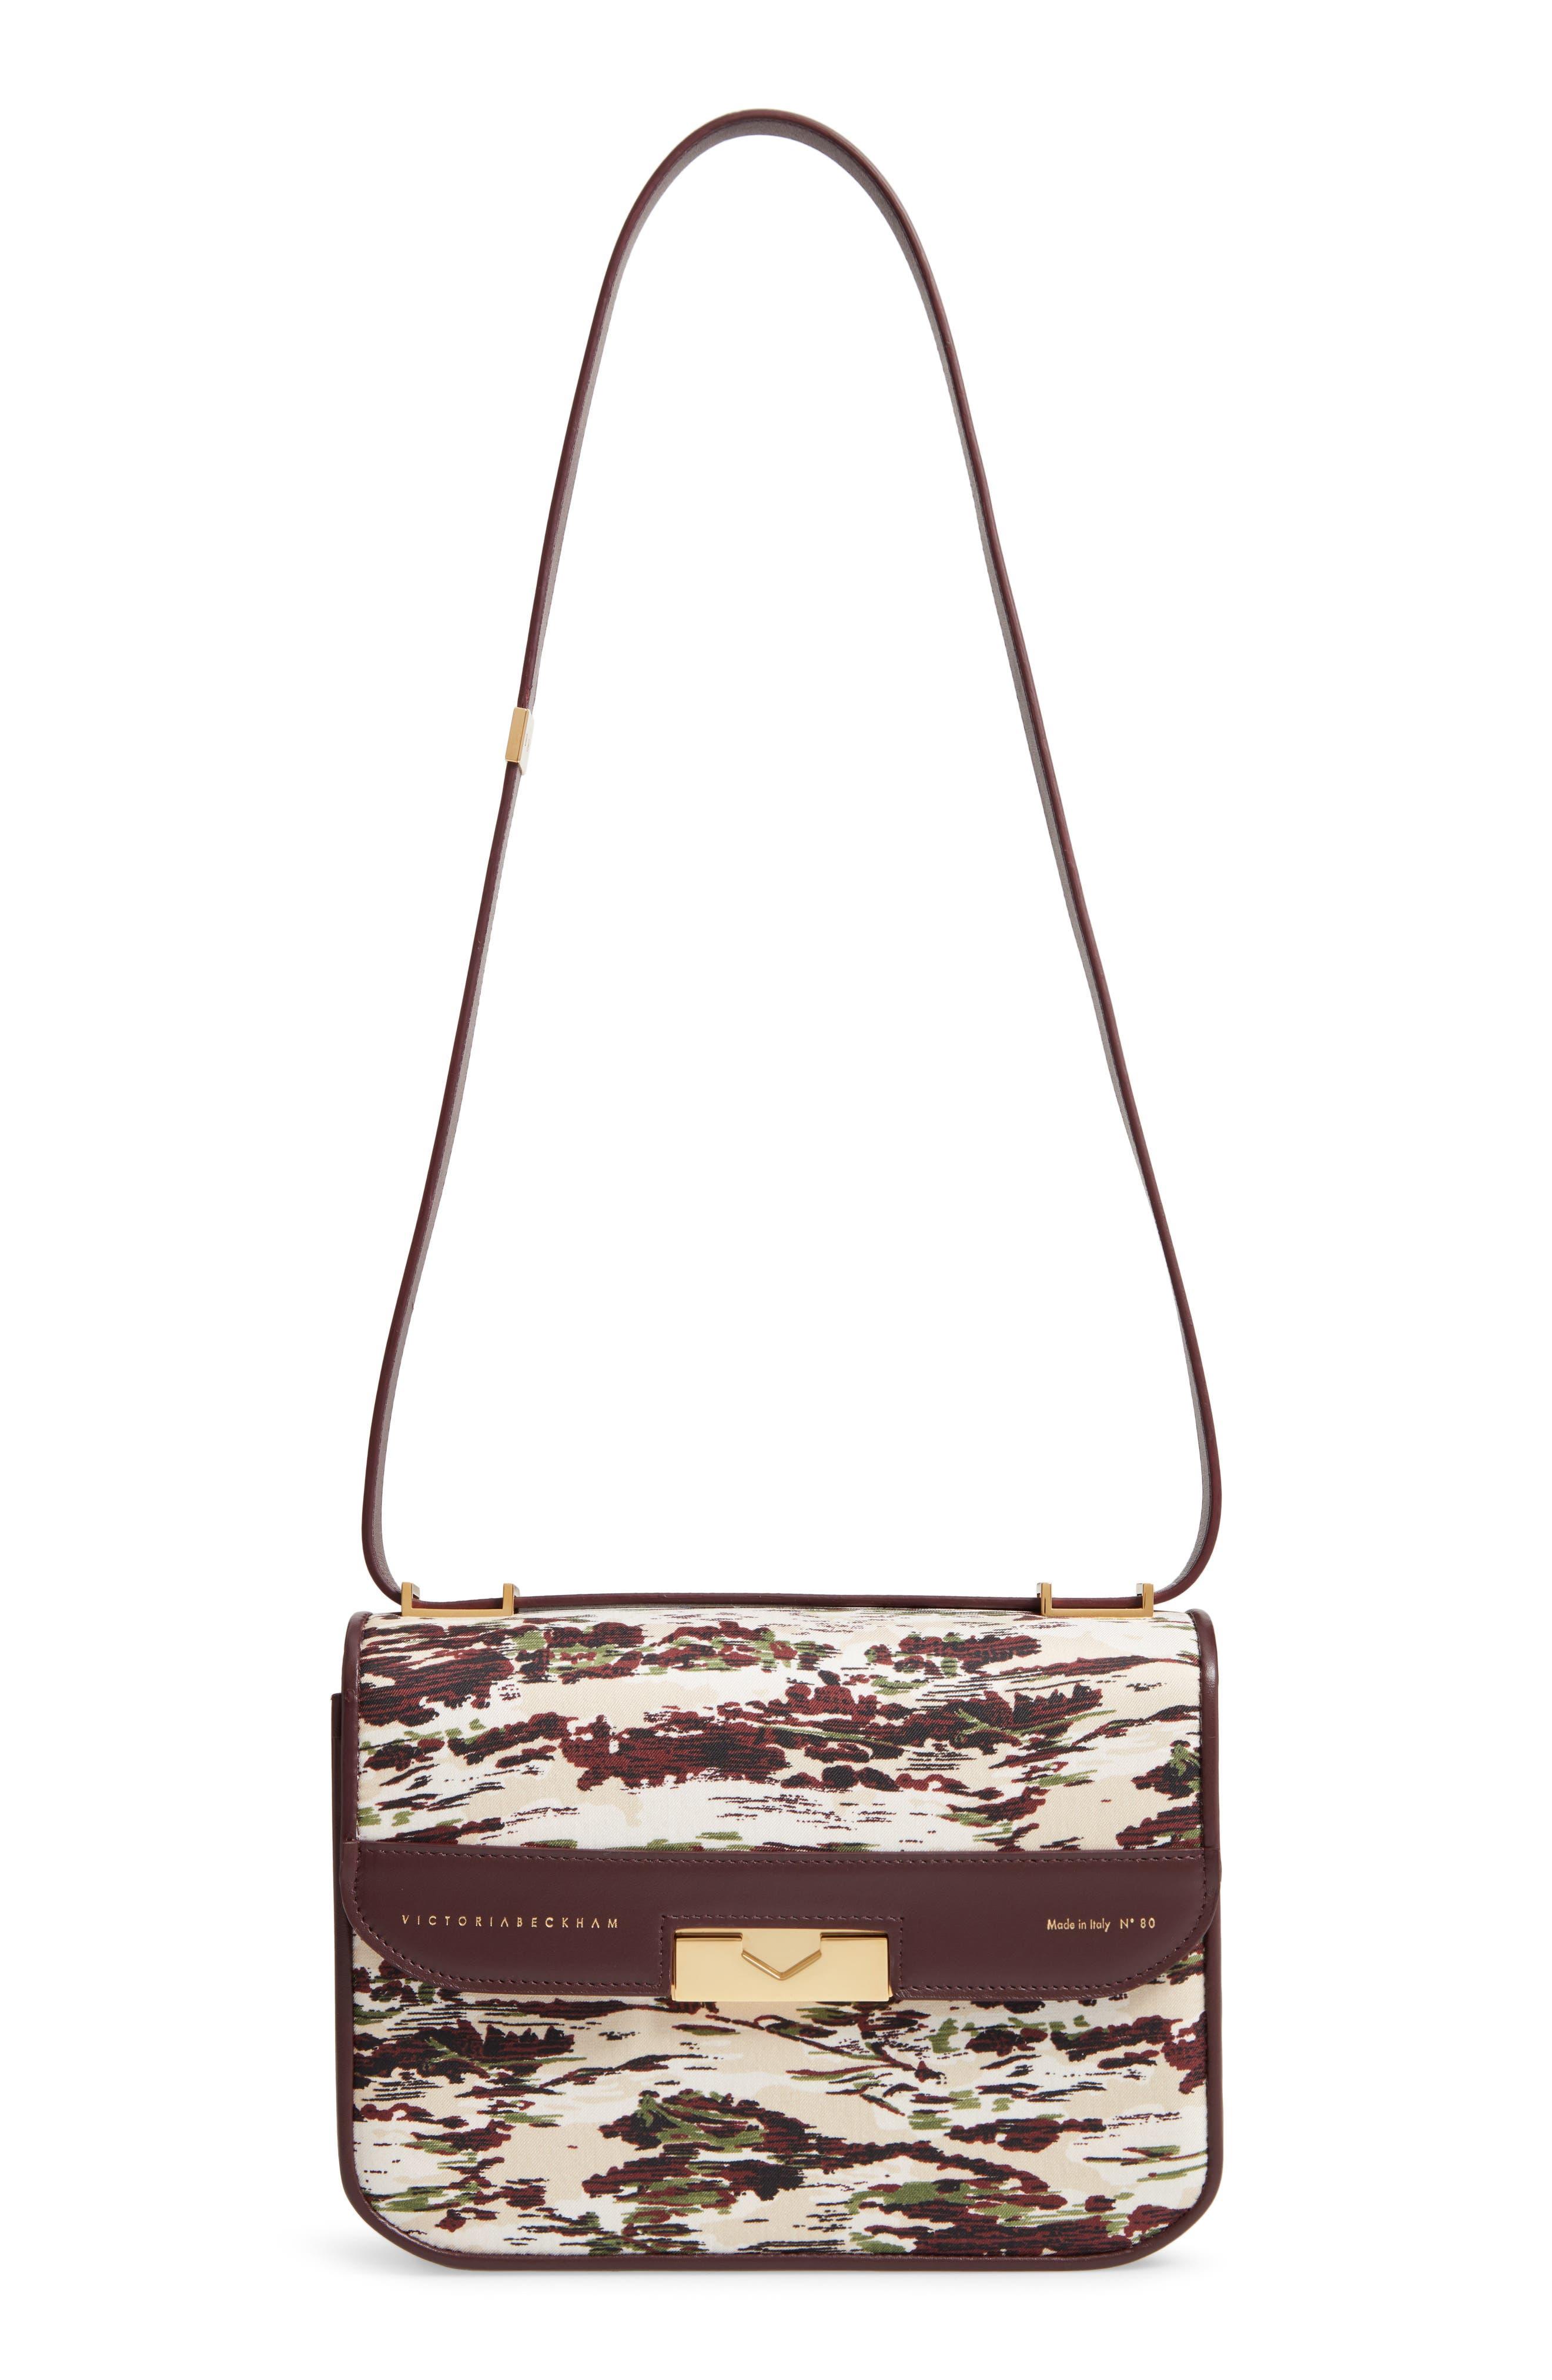 VICTORIA BECKHAM, Eva Satin & Leather Shoulder Bag, Main thumbnail 1, color, BOUDEAUX/ GREEN